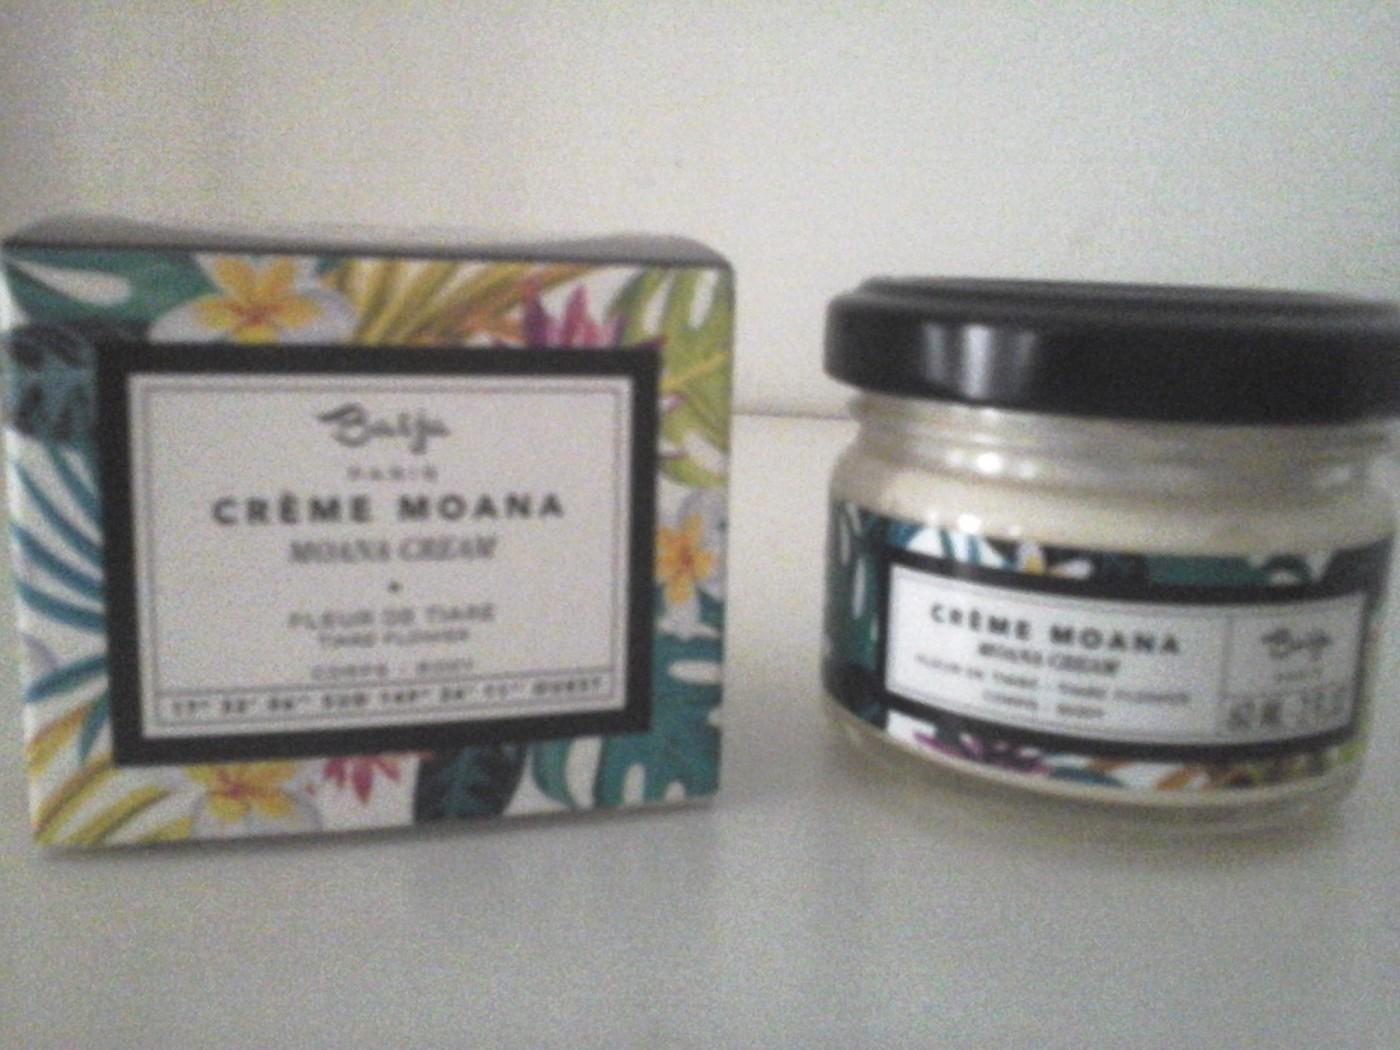 J'ai testé pour vous la crème Moana, Baïja